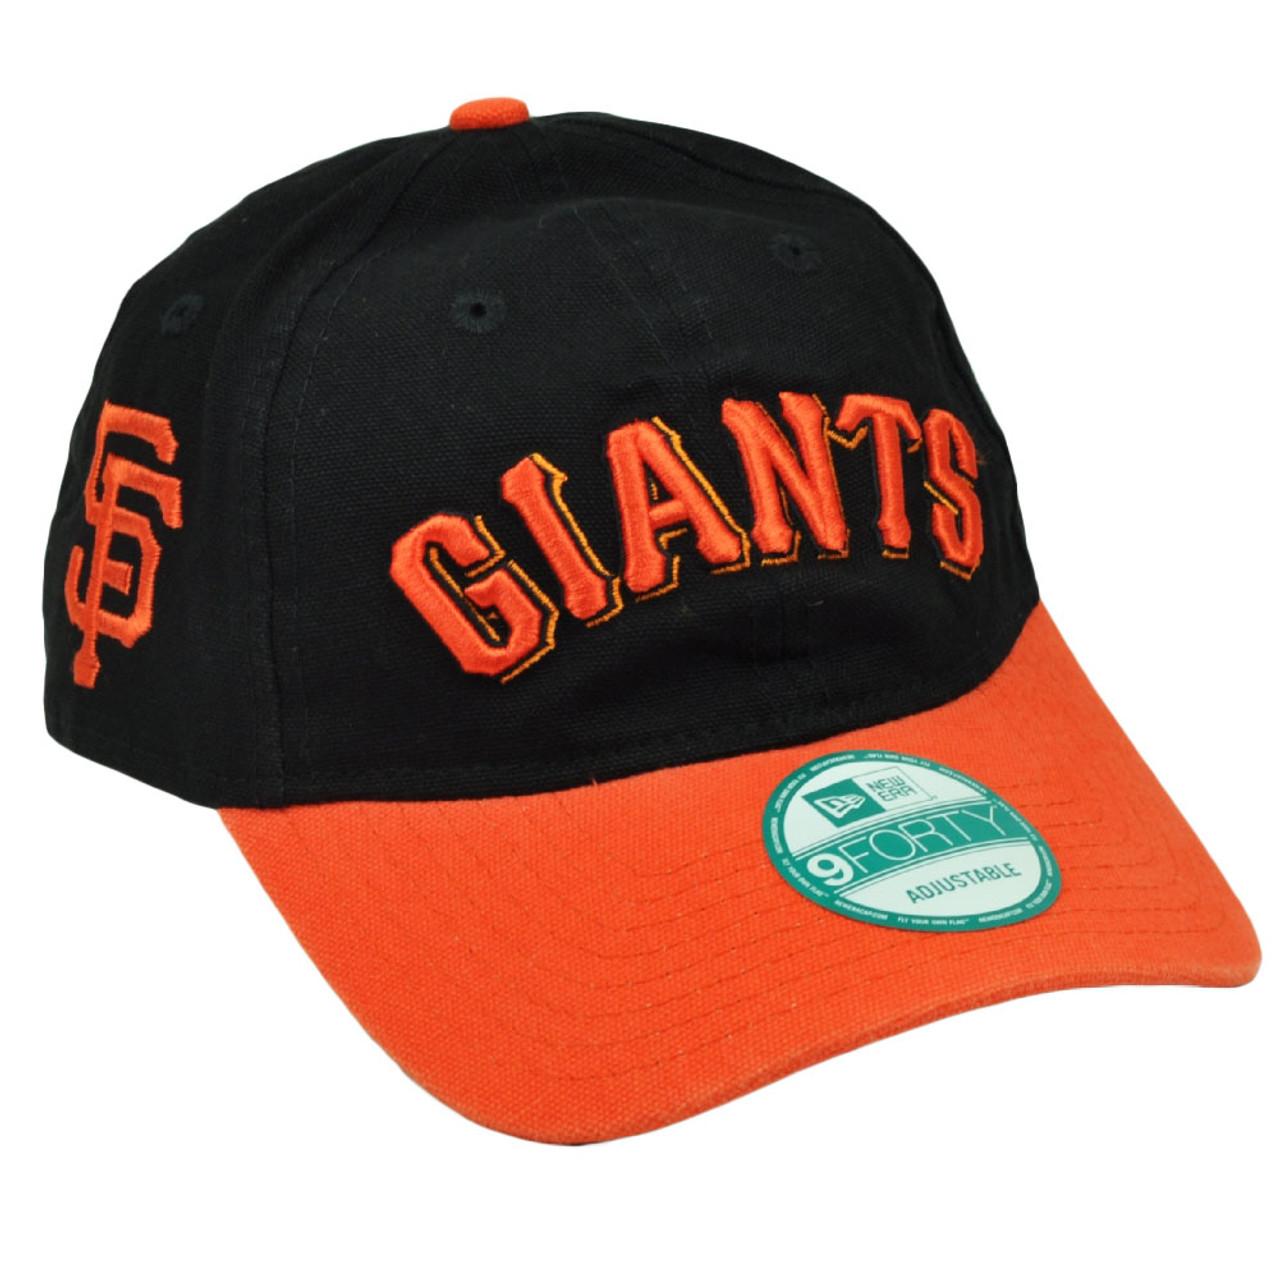 promo code 9d48b 5ff35 MLB New Era 9Forty 940 Team Canvas Clip Buckle San Francisco Giants Hat Cap  Blk - Cap Store Online.com